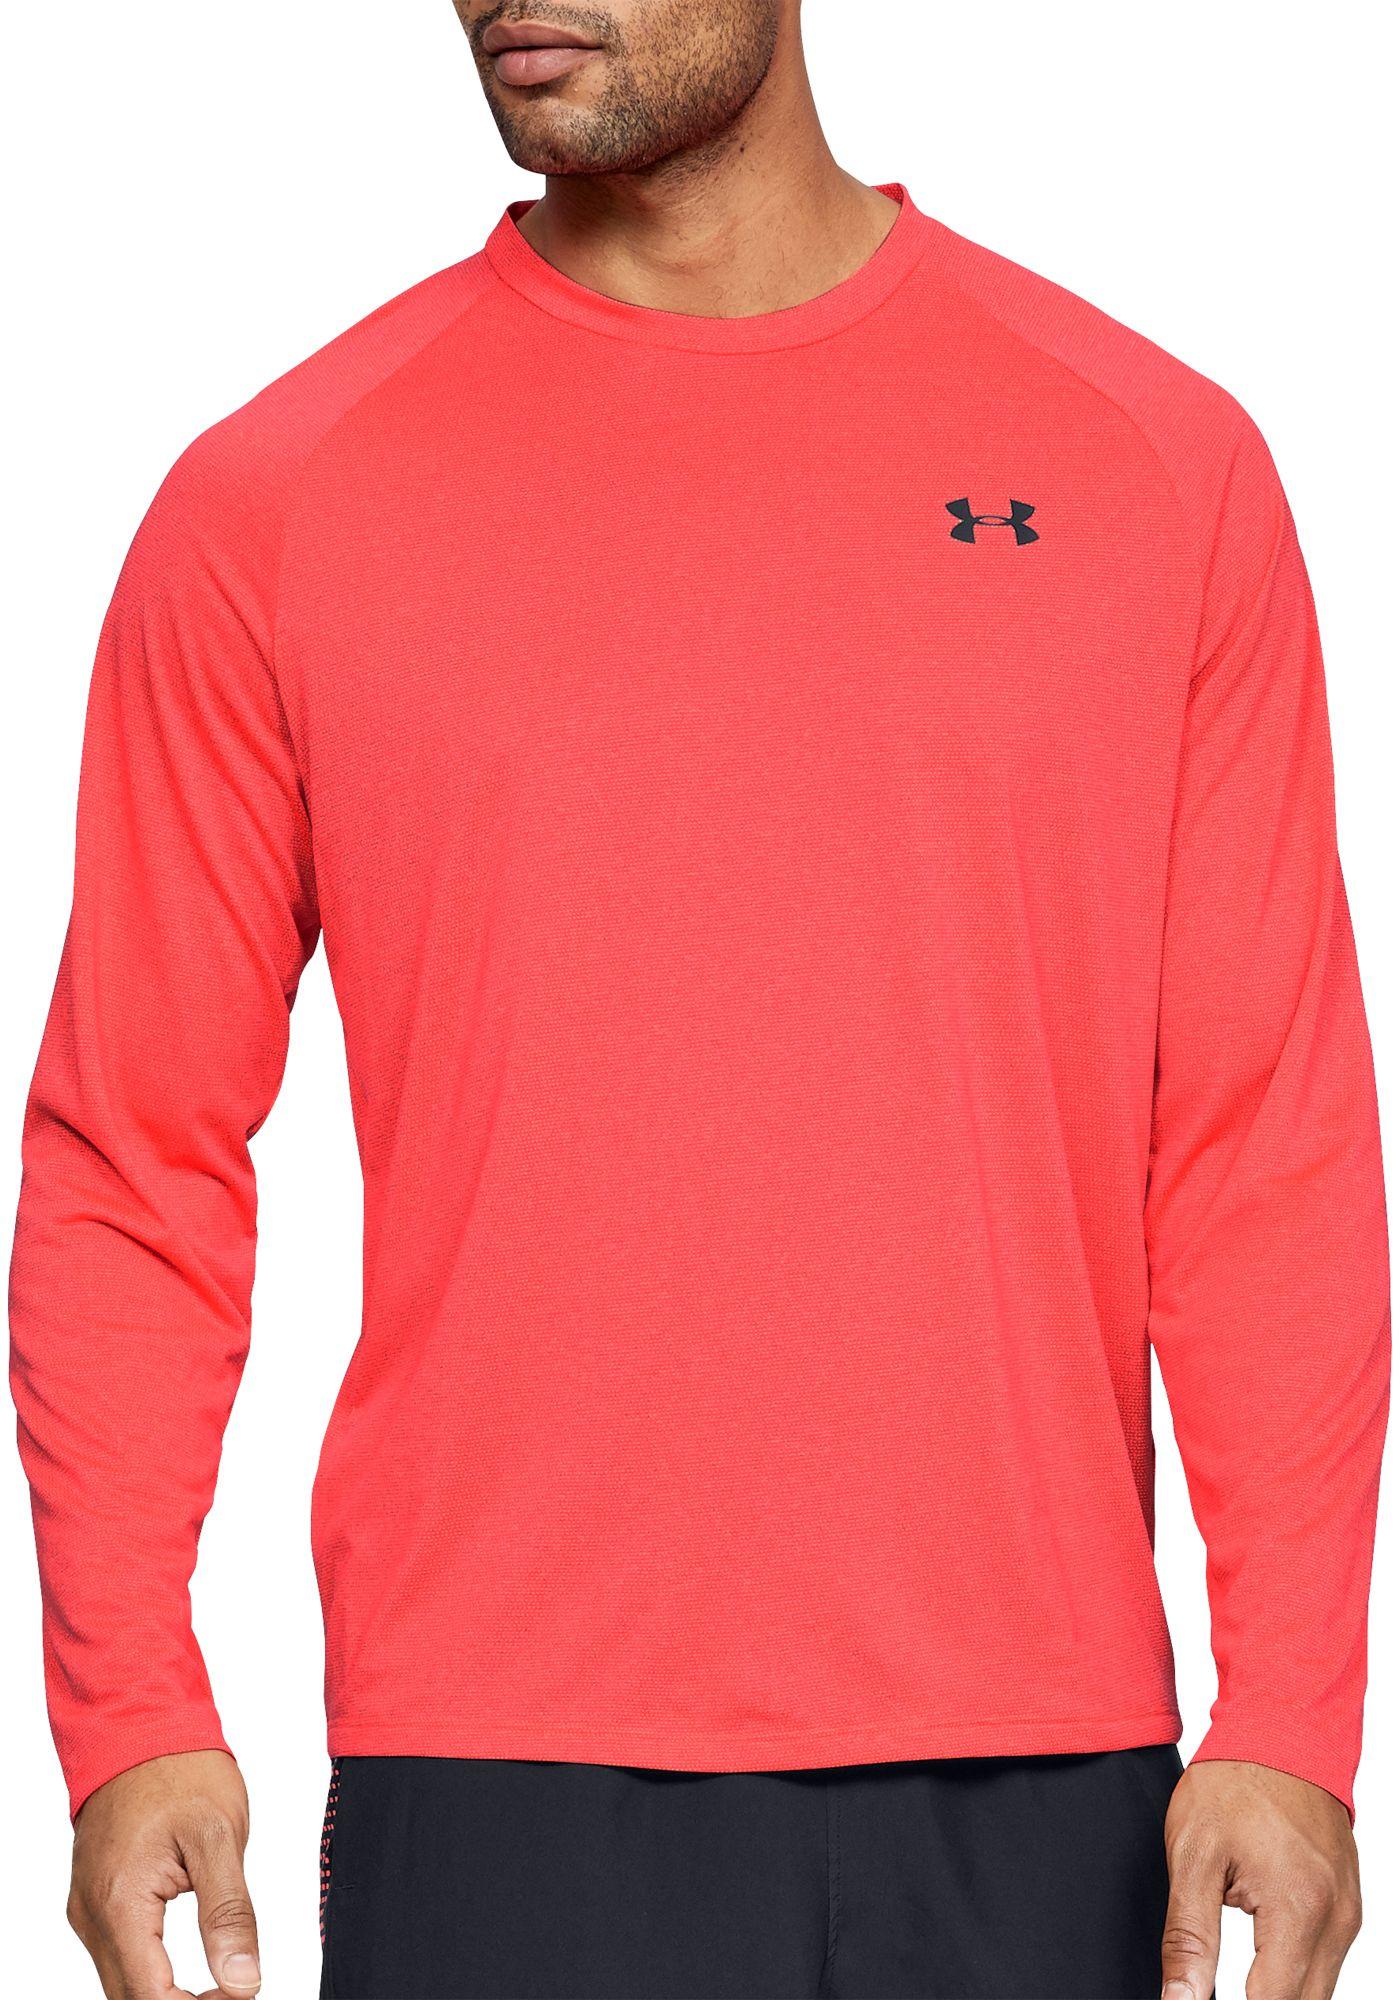 Under Armour Men's Tech 2.0 Novelty Long Sleeve Shirt (Regular and Big & Tall)